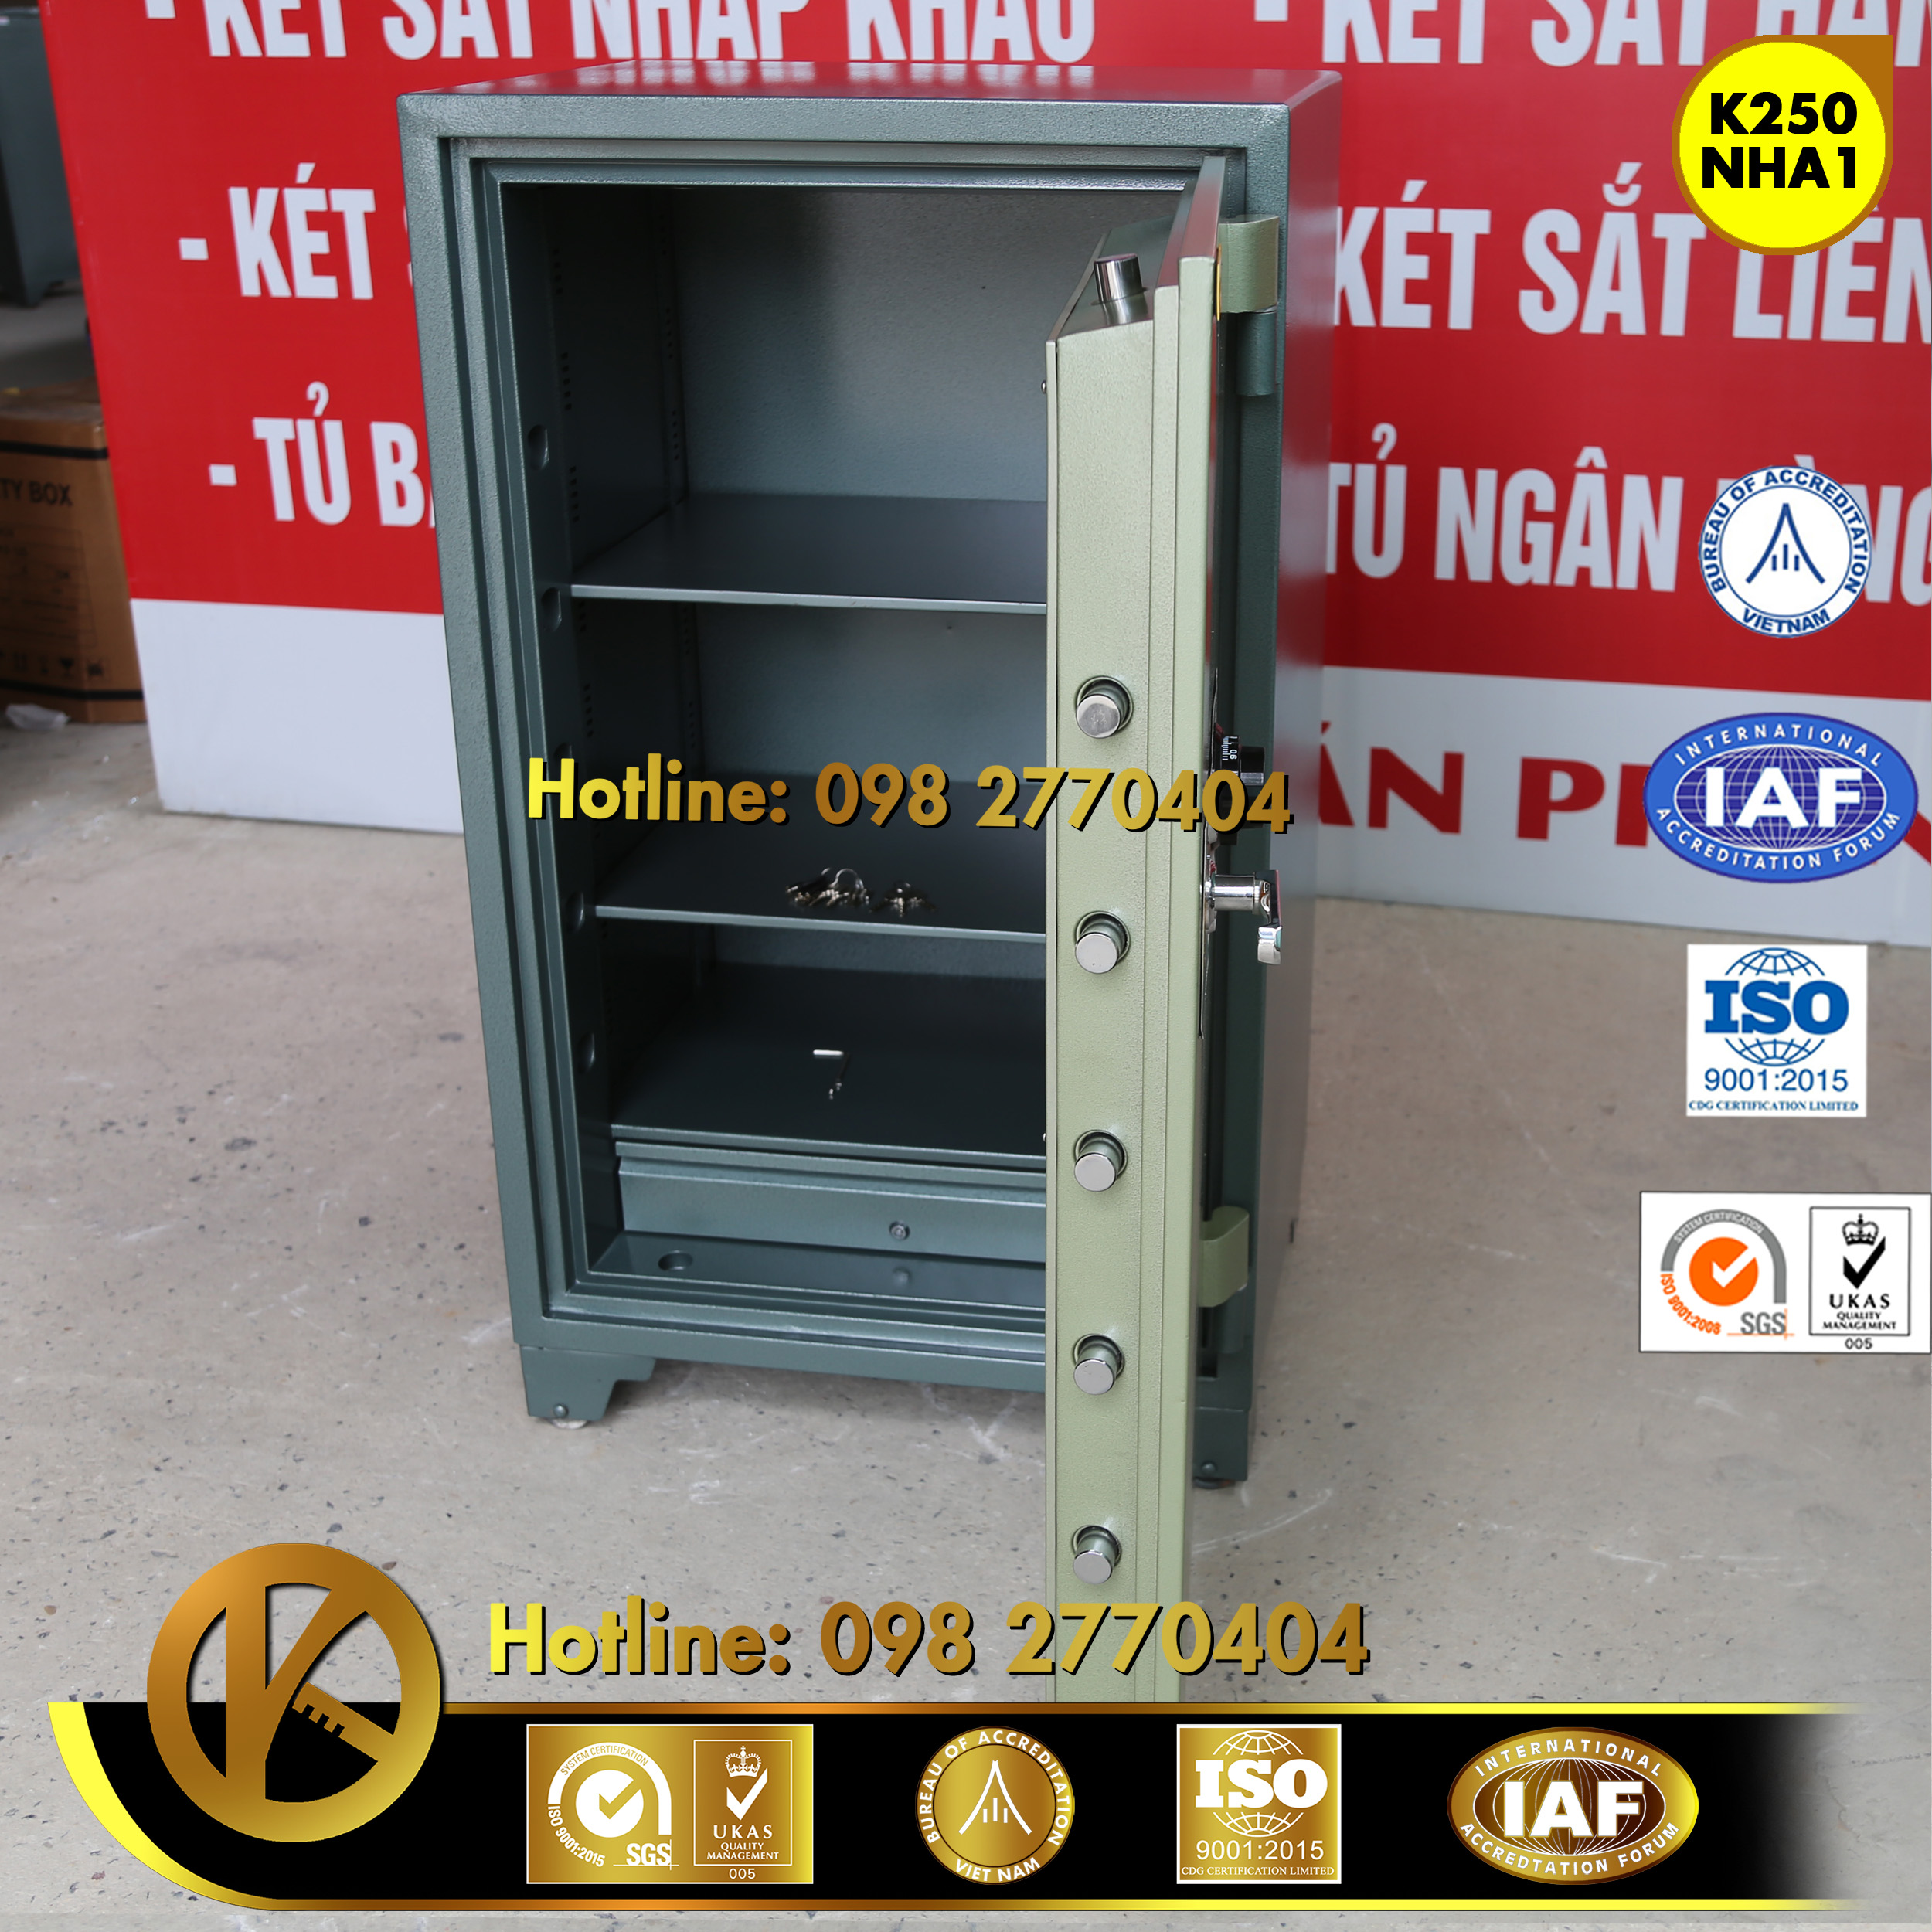 đặc điểm sản phẩm Két sắt ngân hàng K250 khóa đổi mã